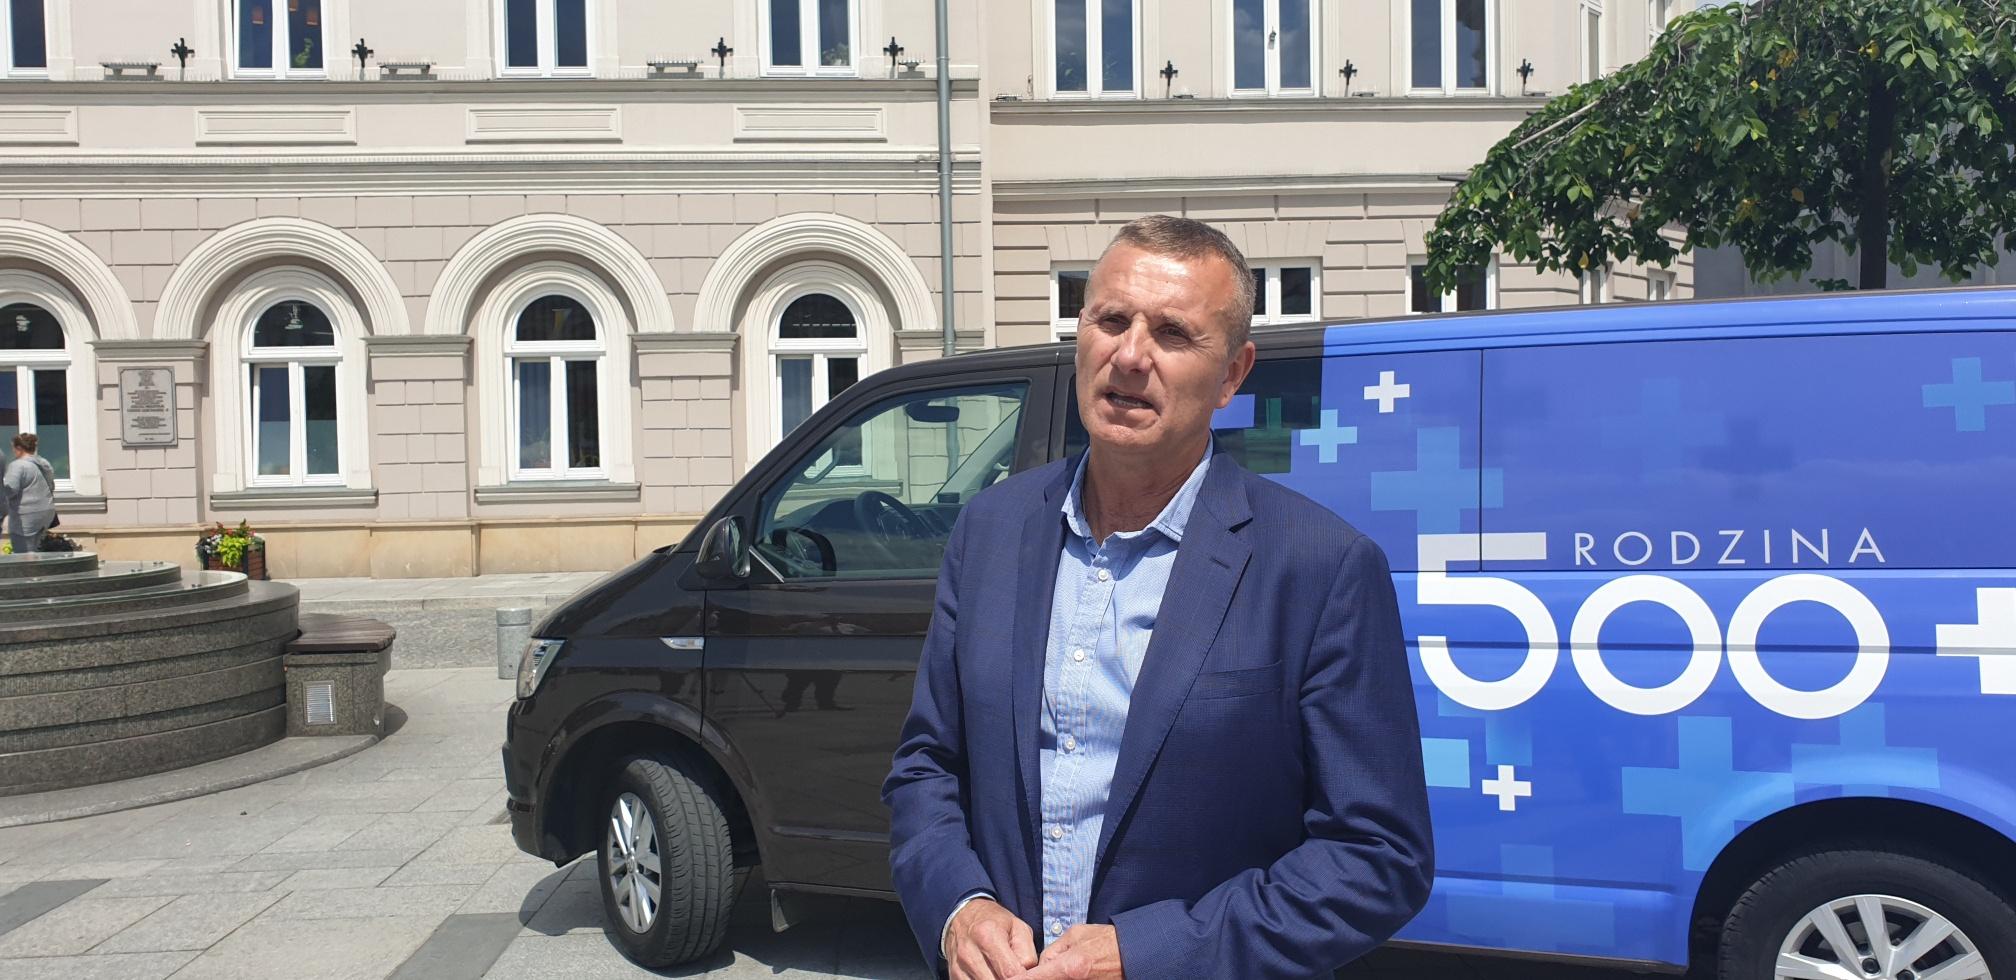 Kampania informacyjna rządu w sprawie 500 plus dotarła też do Wadowic